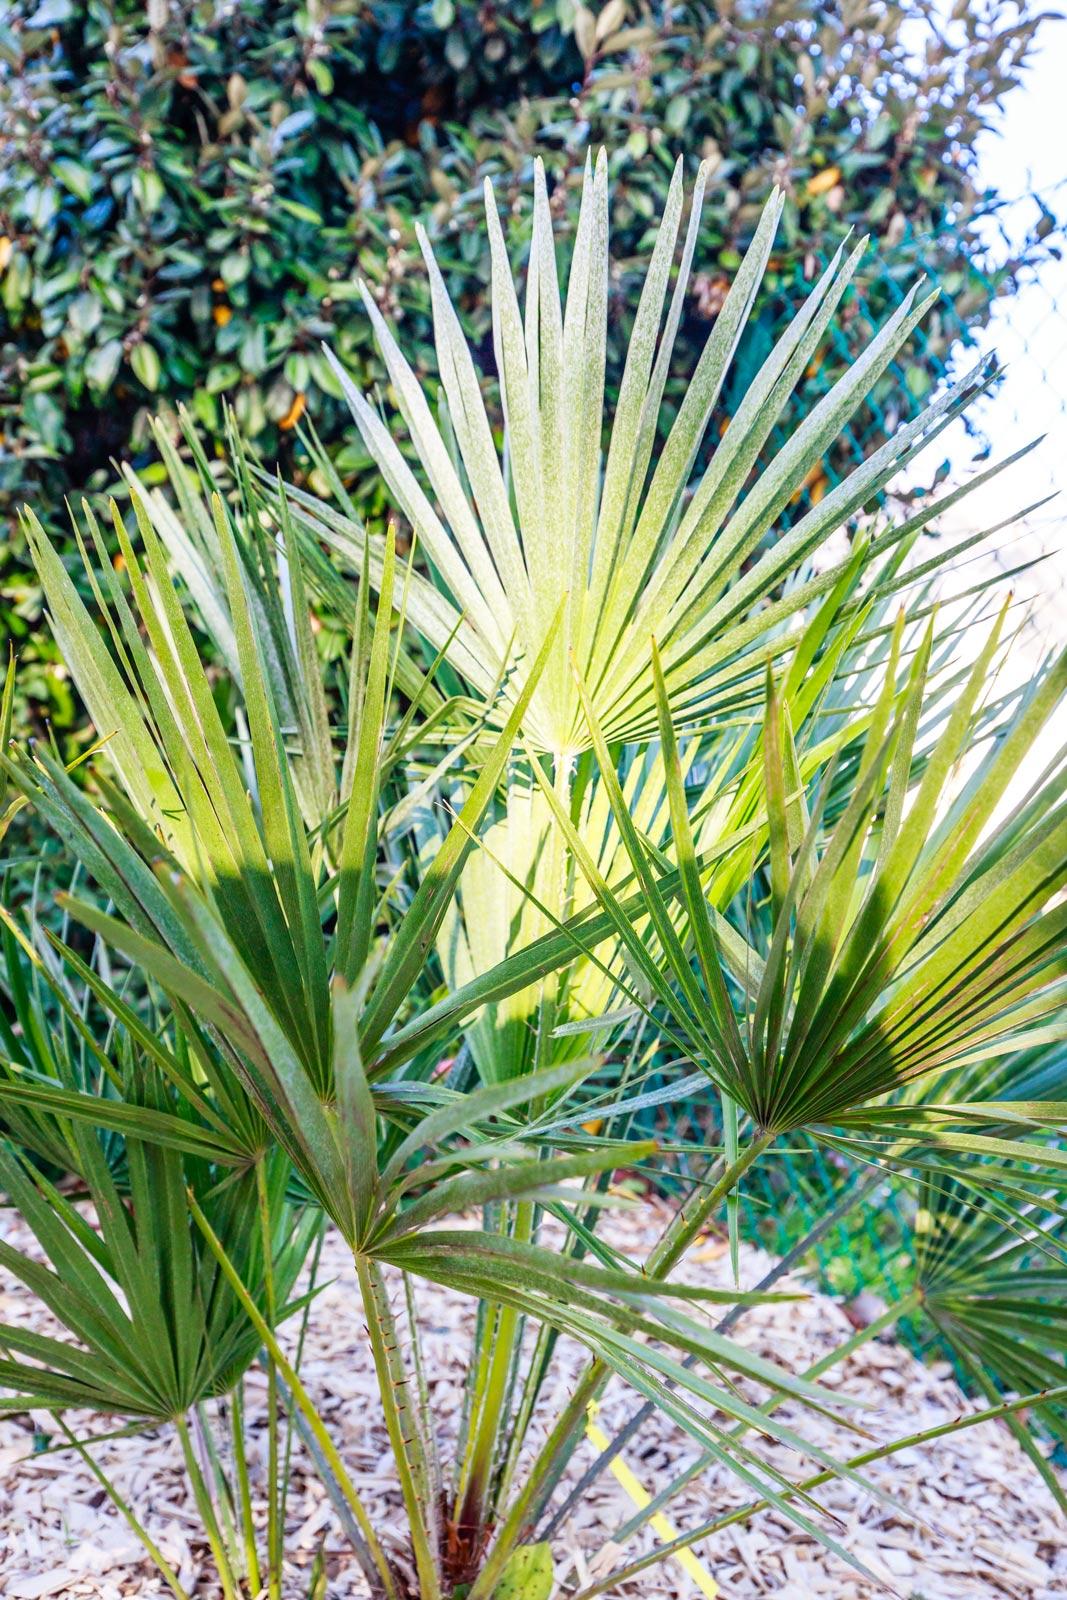 MANU-PAYSAGE-PAYSAGISTE-à-La-Baule-et-presqu'ile-de-guérande-création-de-jardin-plantation-taille-tonte-Loirat-Emmanuel (12)